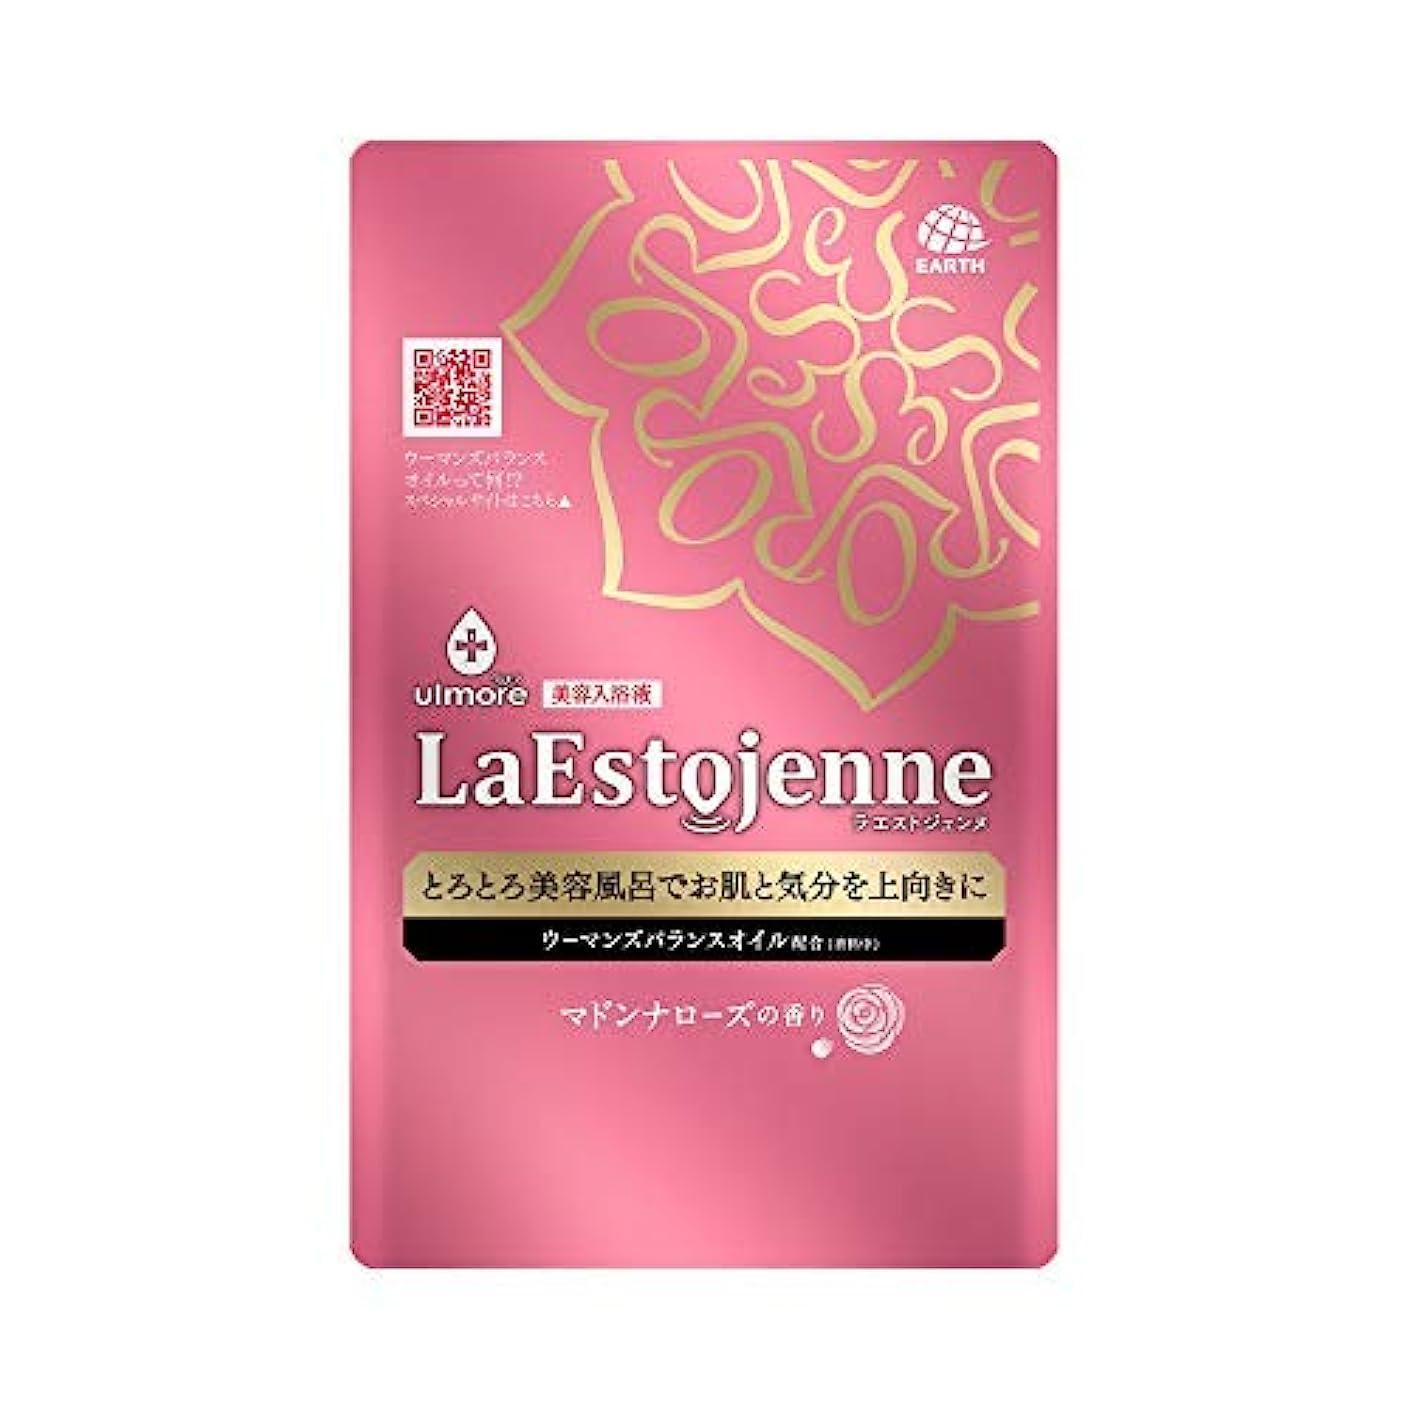 予防接種するアクセスできない事実ウルモア ラエストジェンヌ マドンナローズの香り 1包 × 12個セット